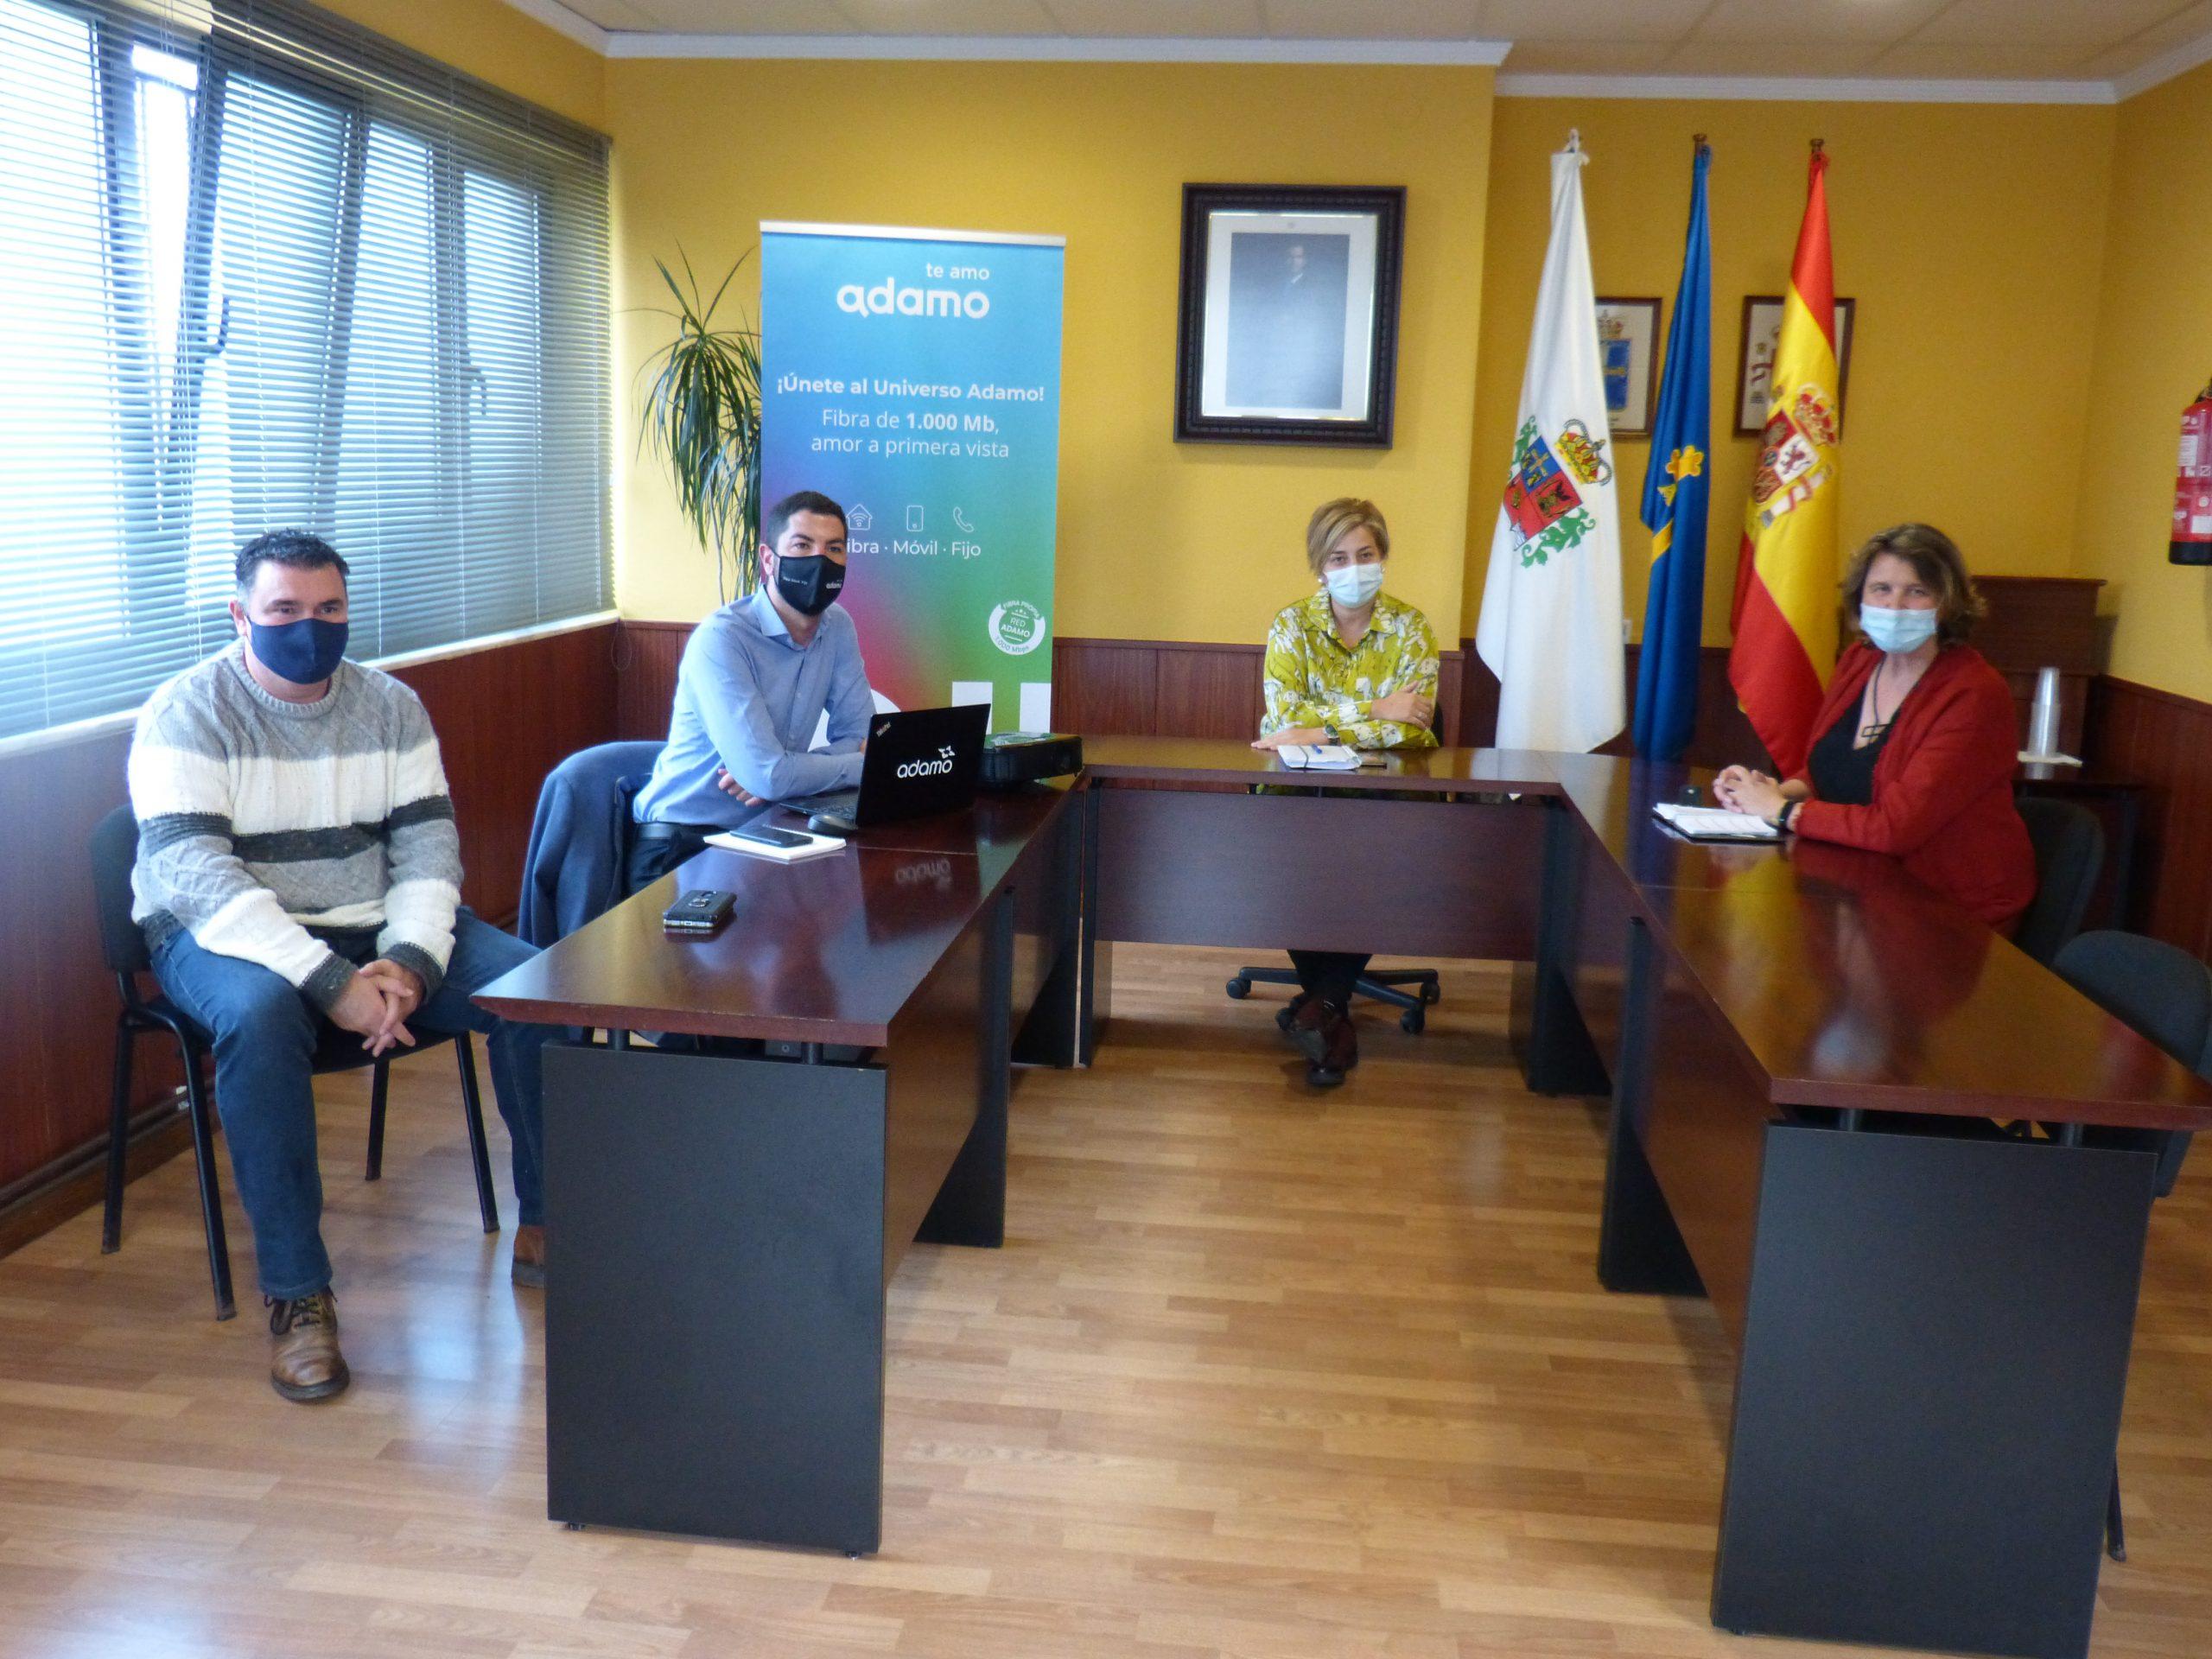 Casi 700 hogares del concejo de Coaña disfrutan ya de internet de alta velocidad